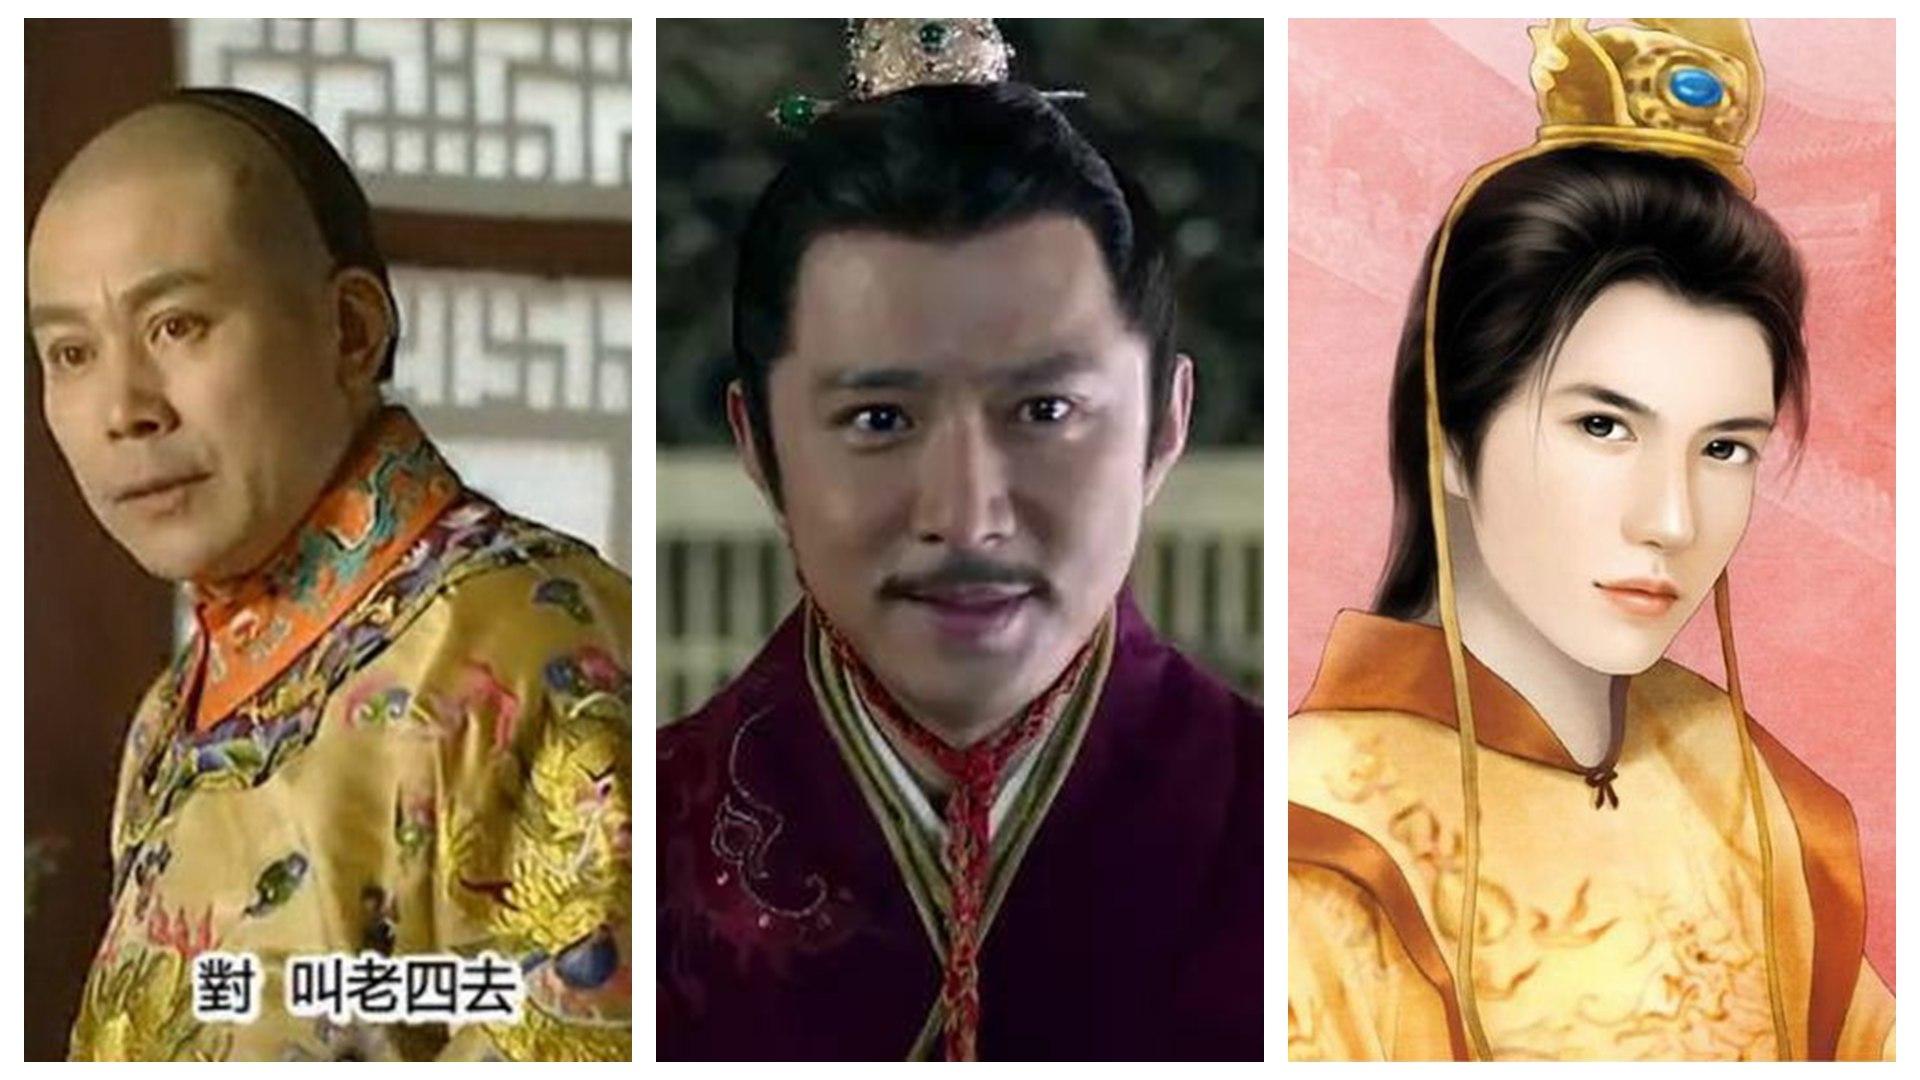 历史上雍正王朝的太子是谁 他为什么没有继承皇位,究竟发生了什么事